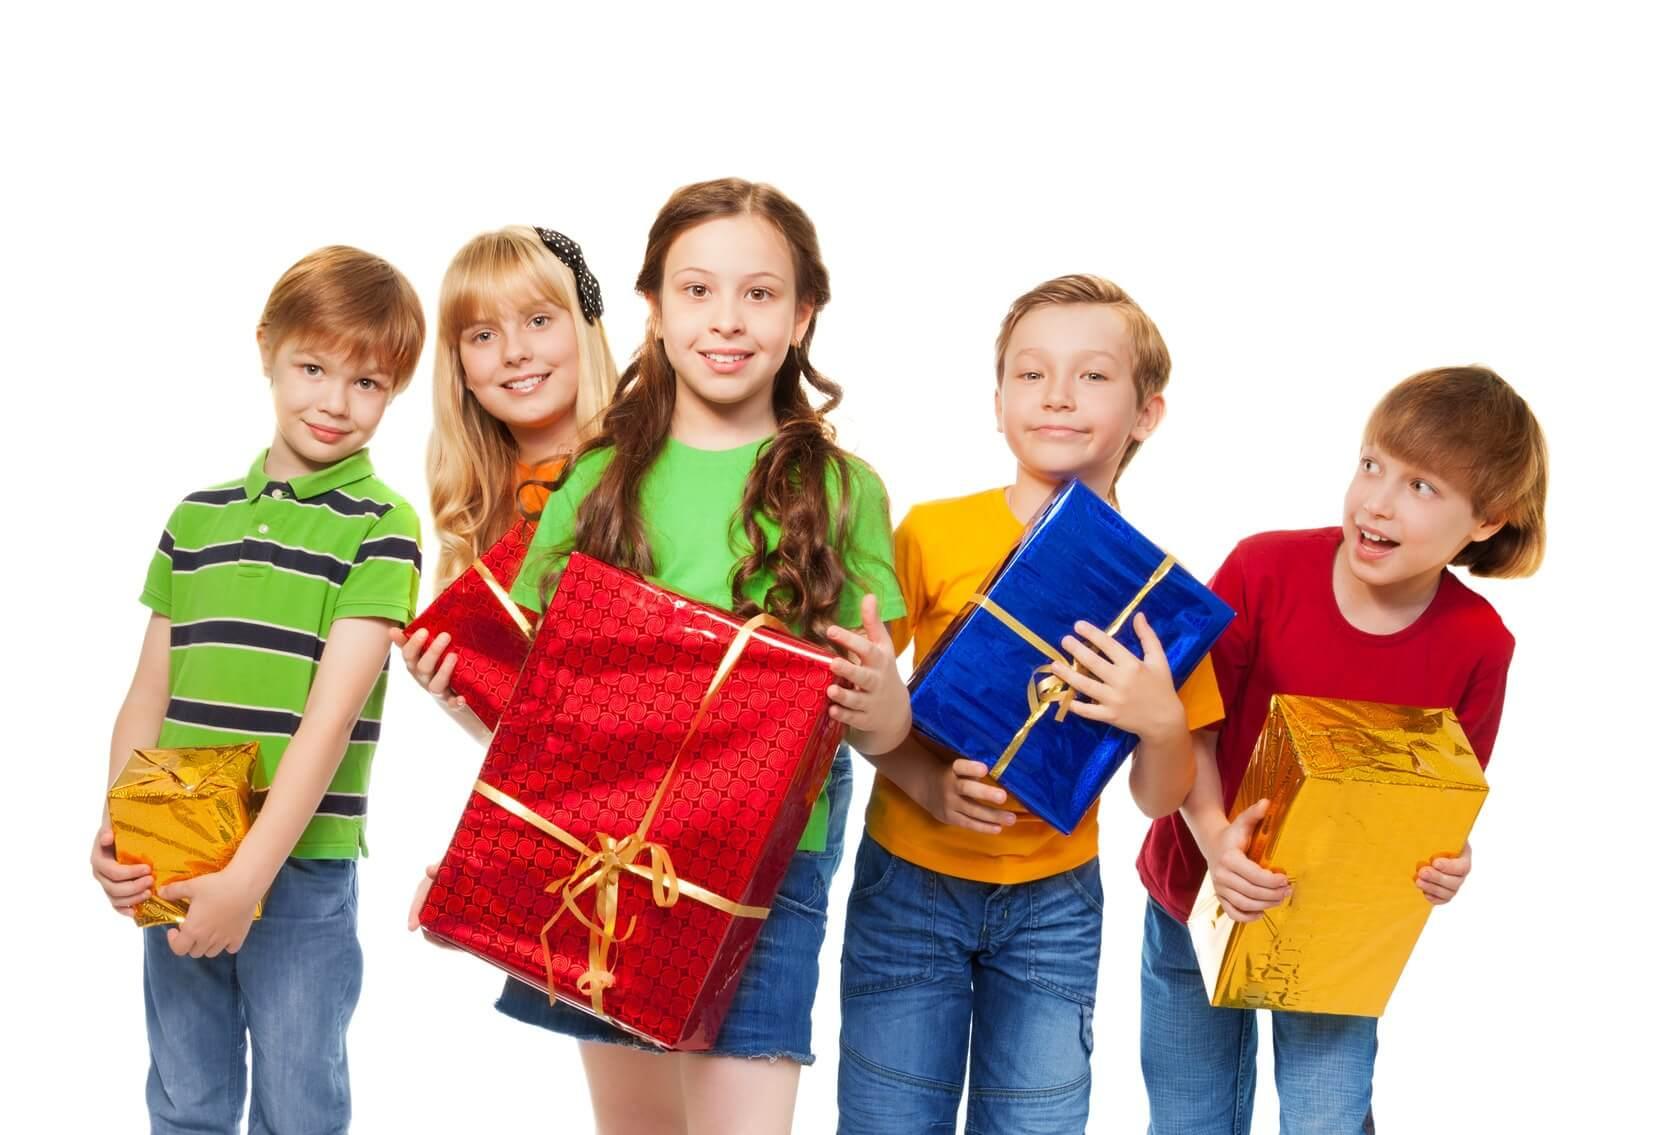 Подарок ребенку: что подарить на день рождения?